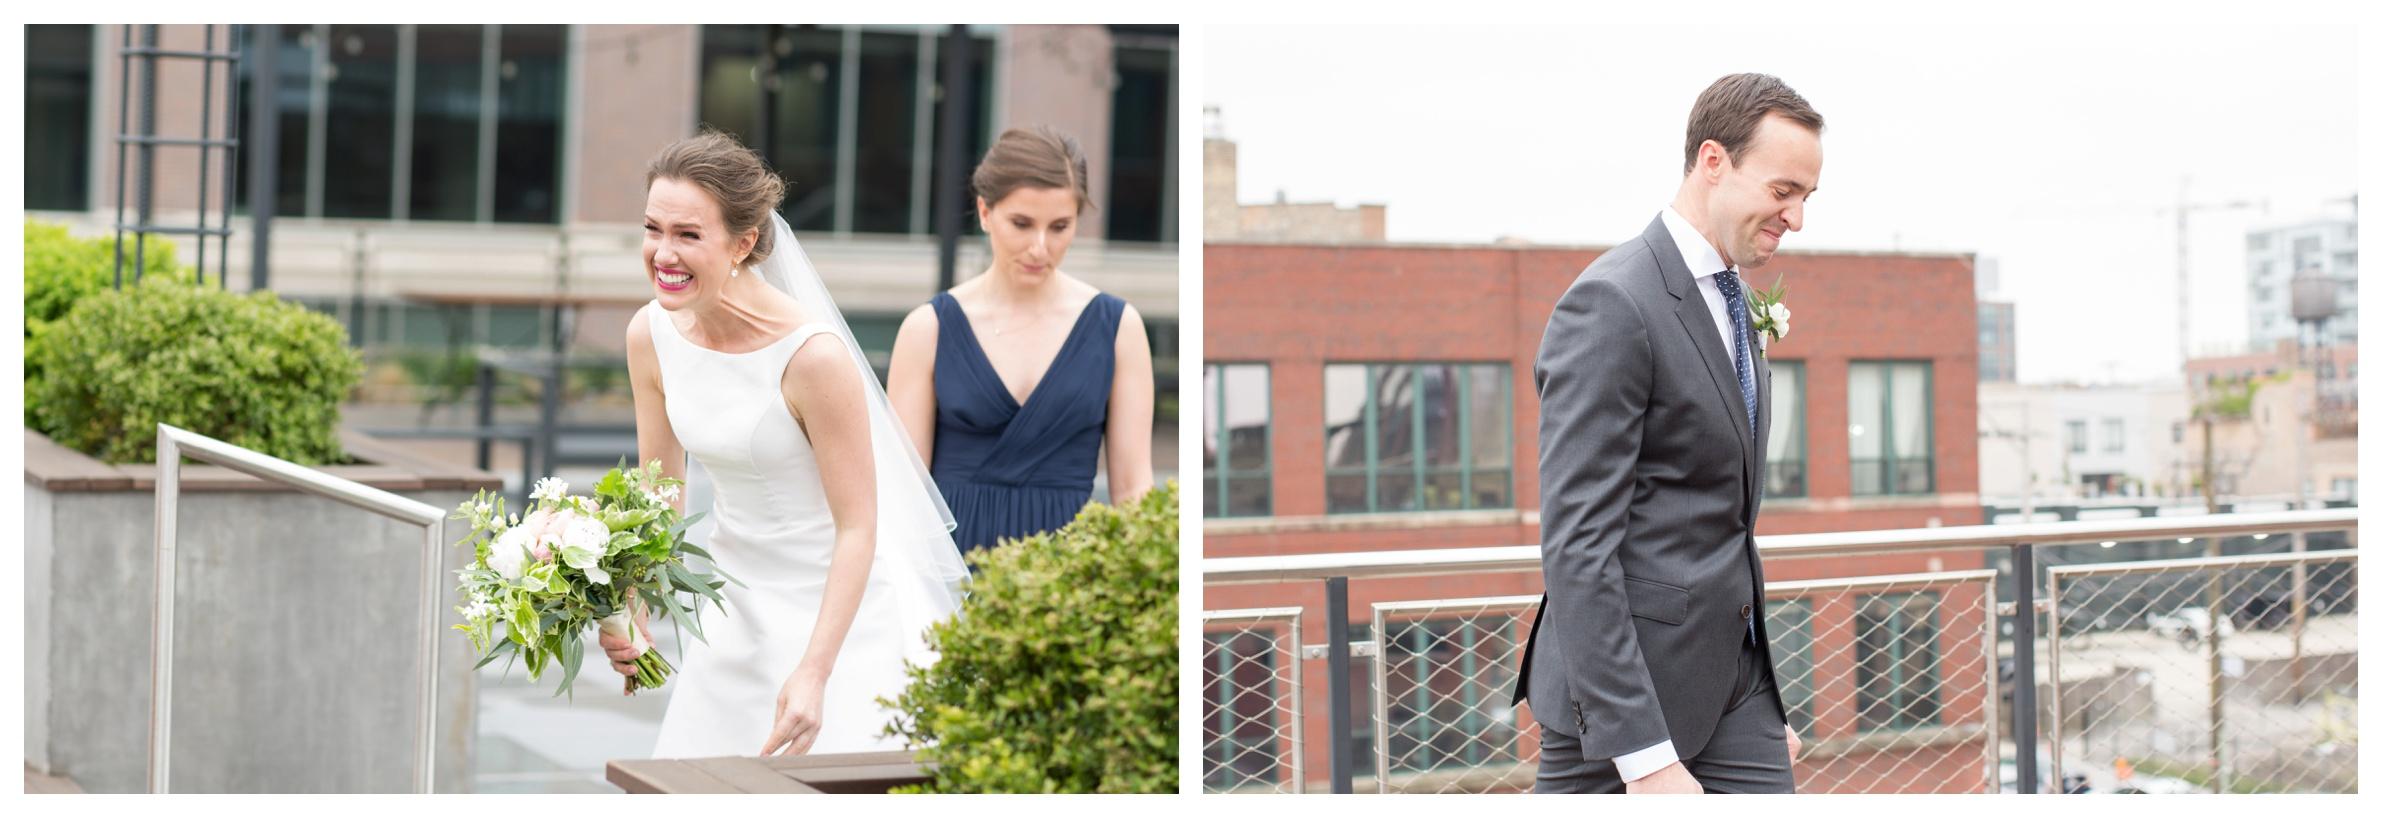 publican-wedding_0011.jpg